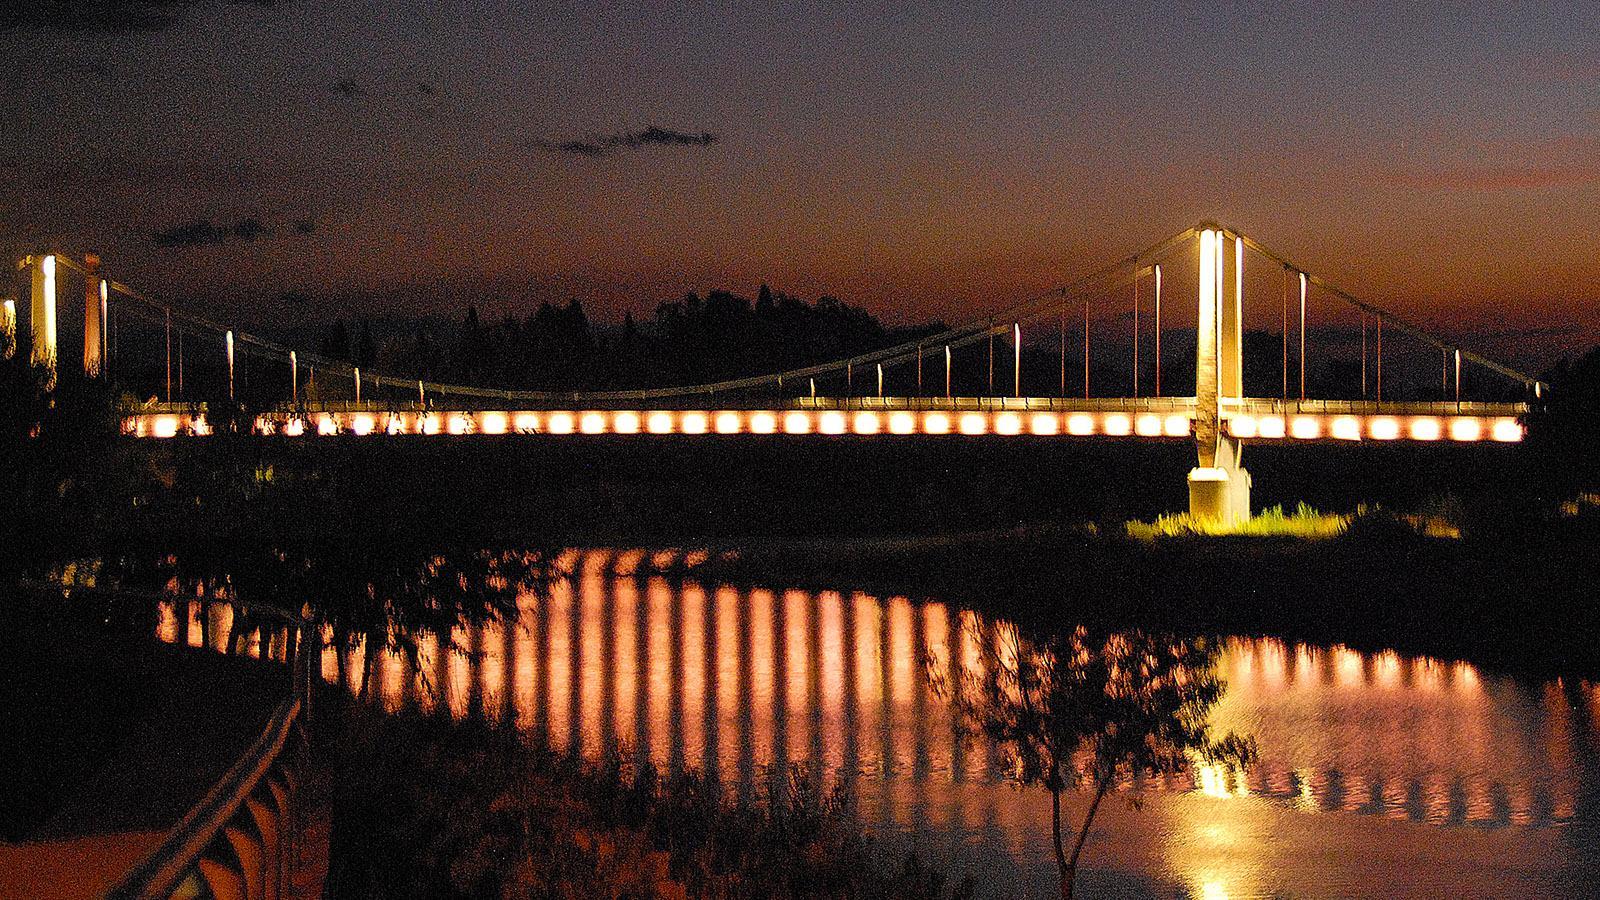 Die Brücke über den Agly wird abends beleuchtet. Foto: Hilke Maunder